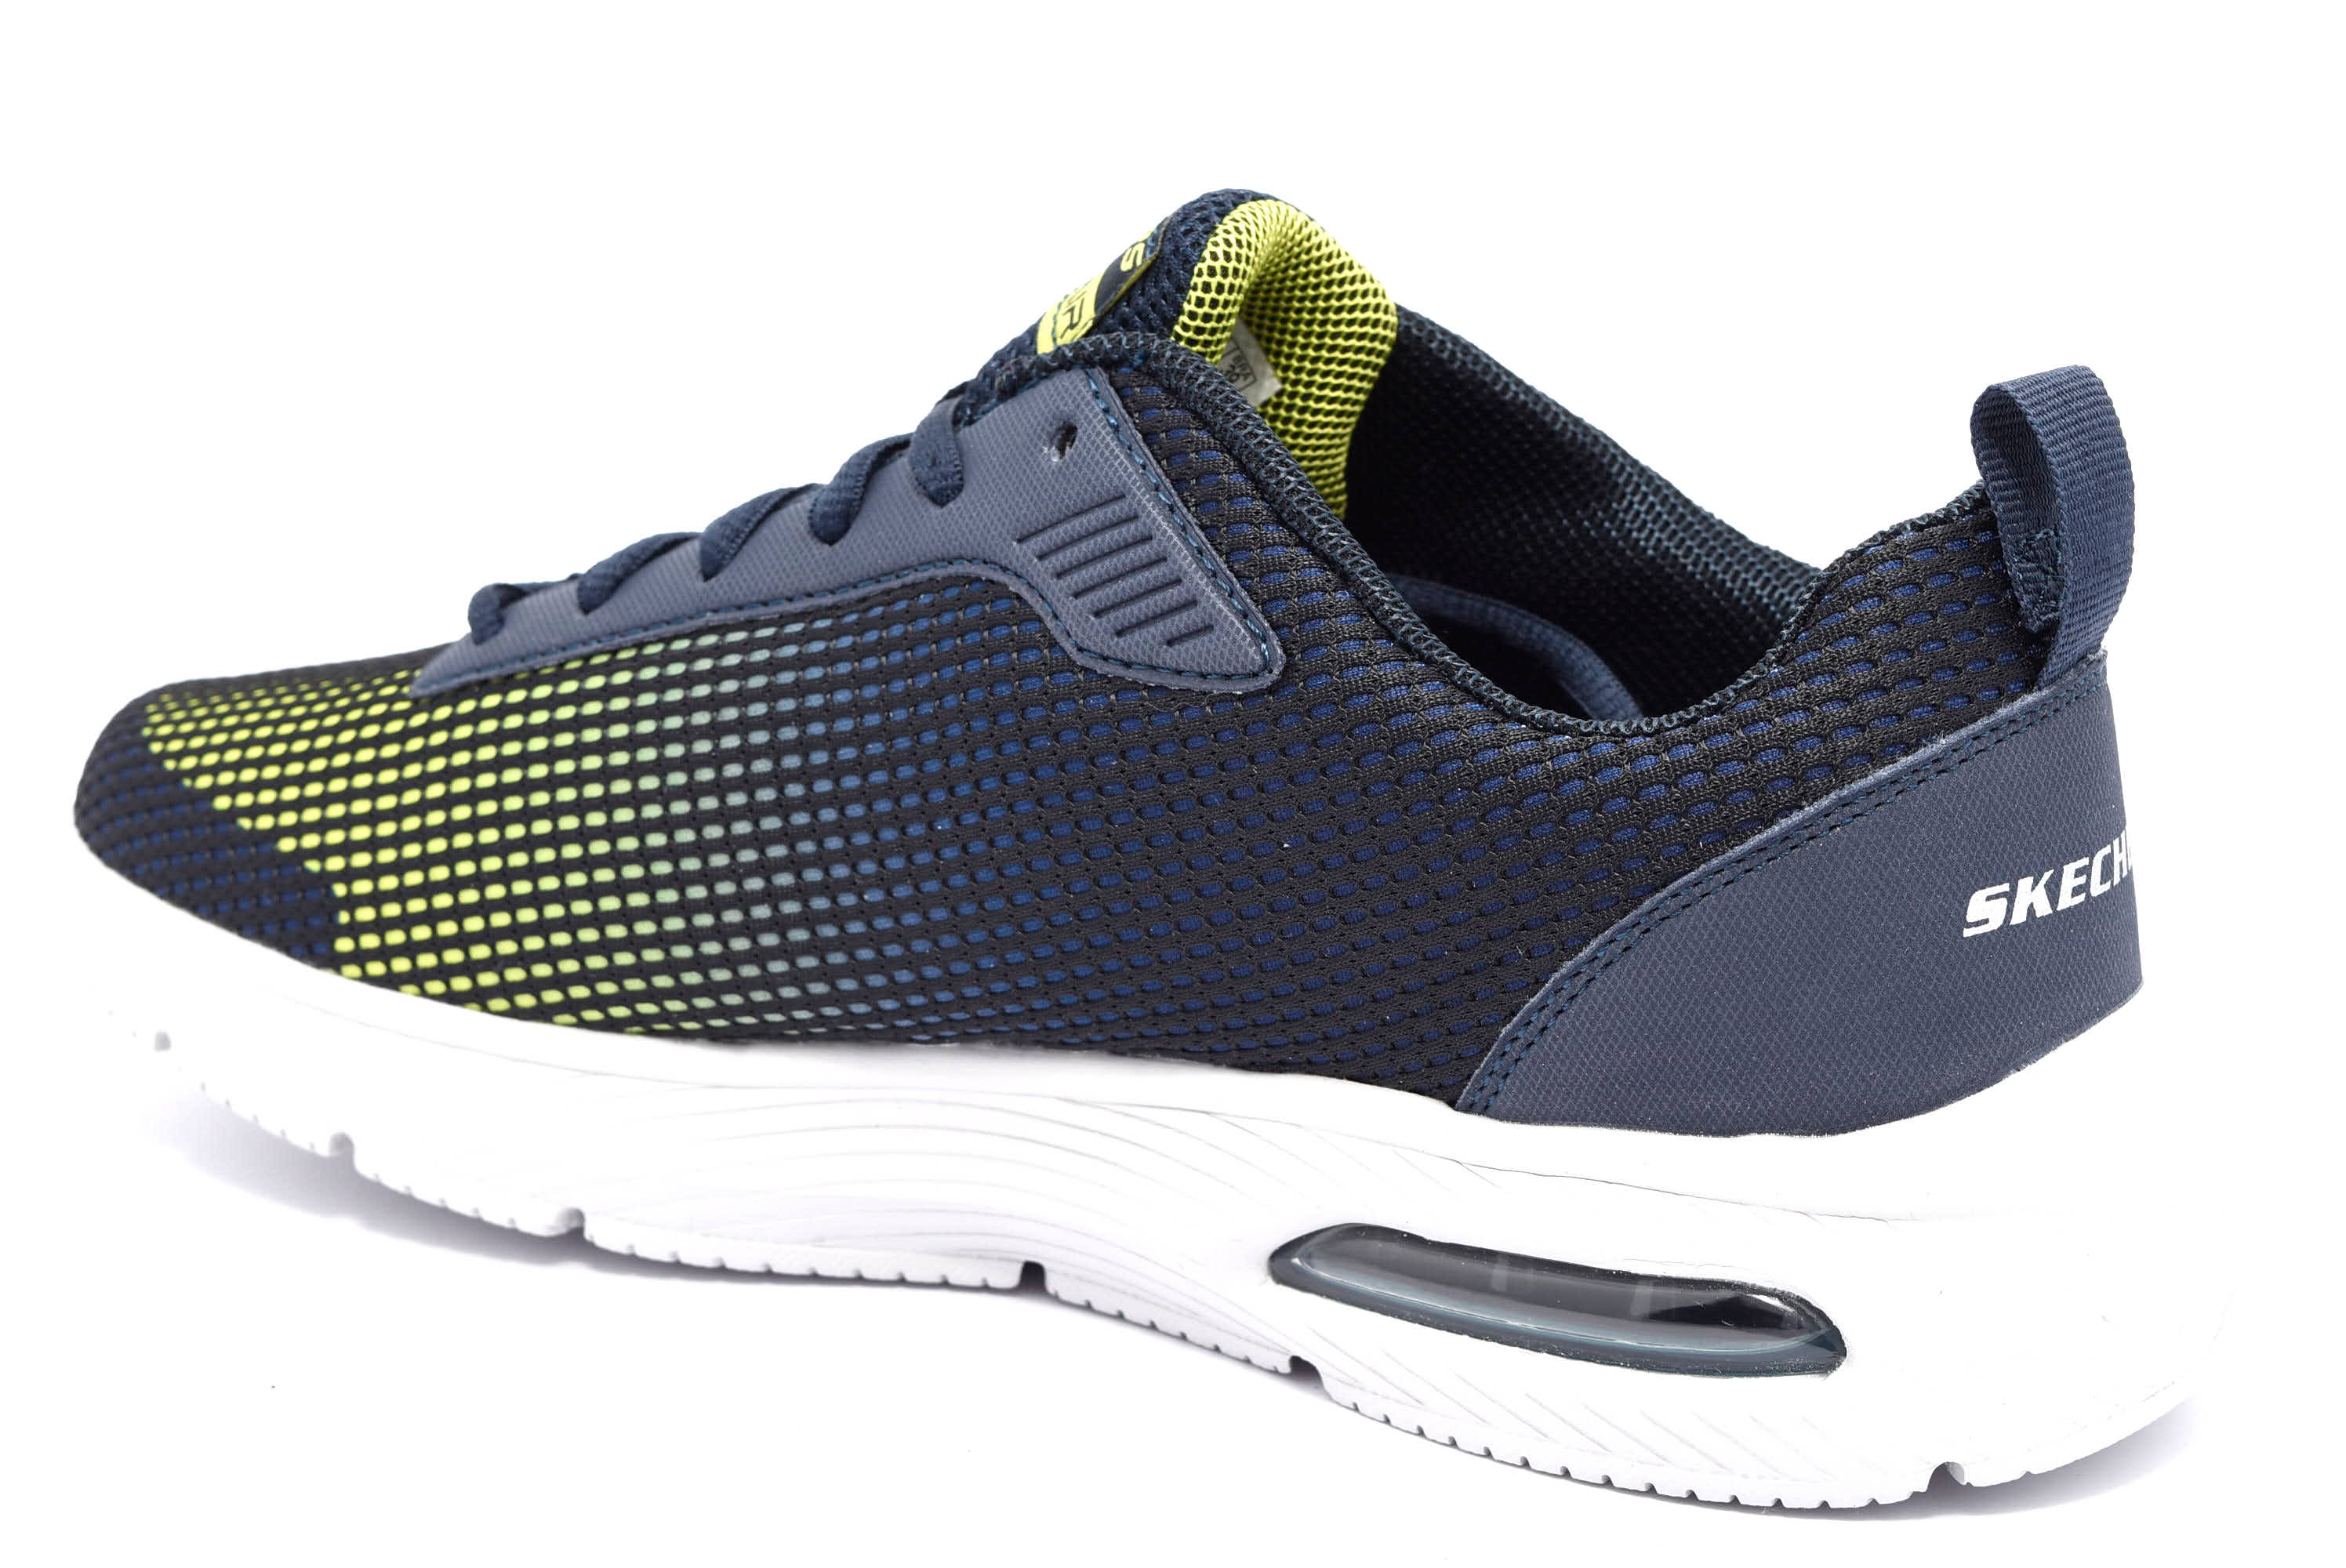 SKECHERS 52558 NVLM Sneakers Uomo in Mesh | shoesmyfriends.it